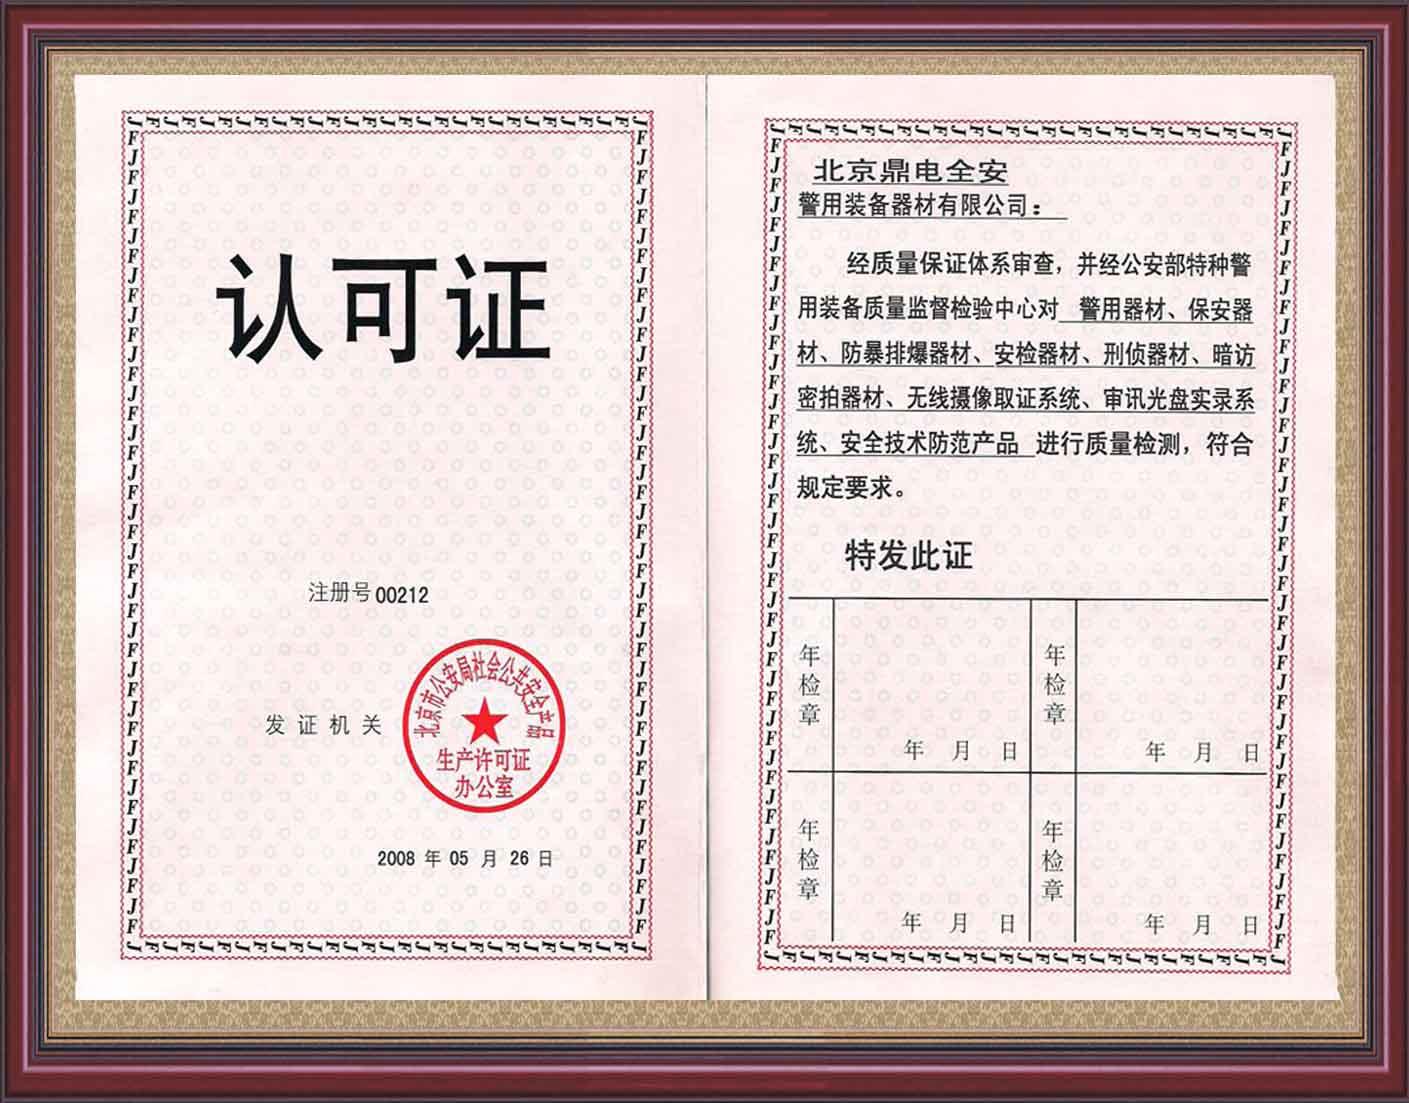 京师商厦警用装备质量许可证